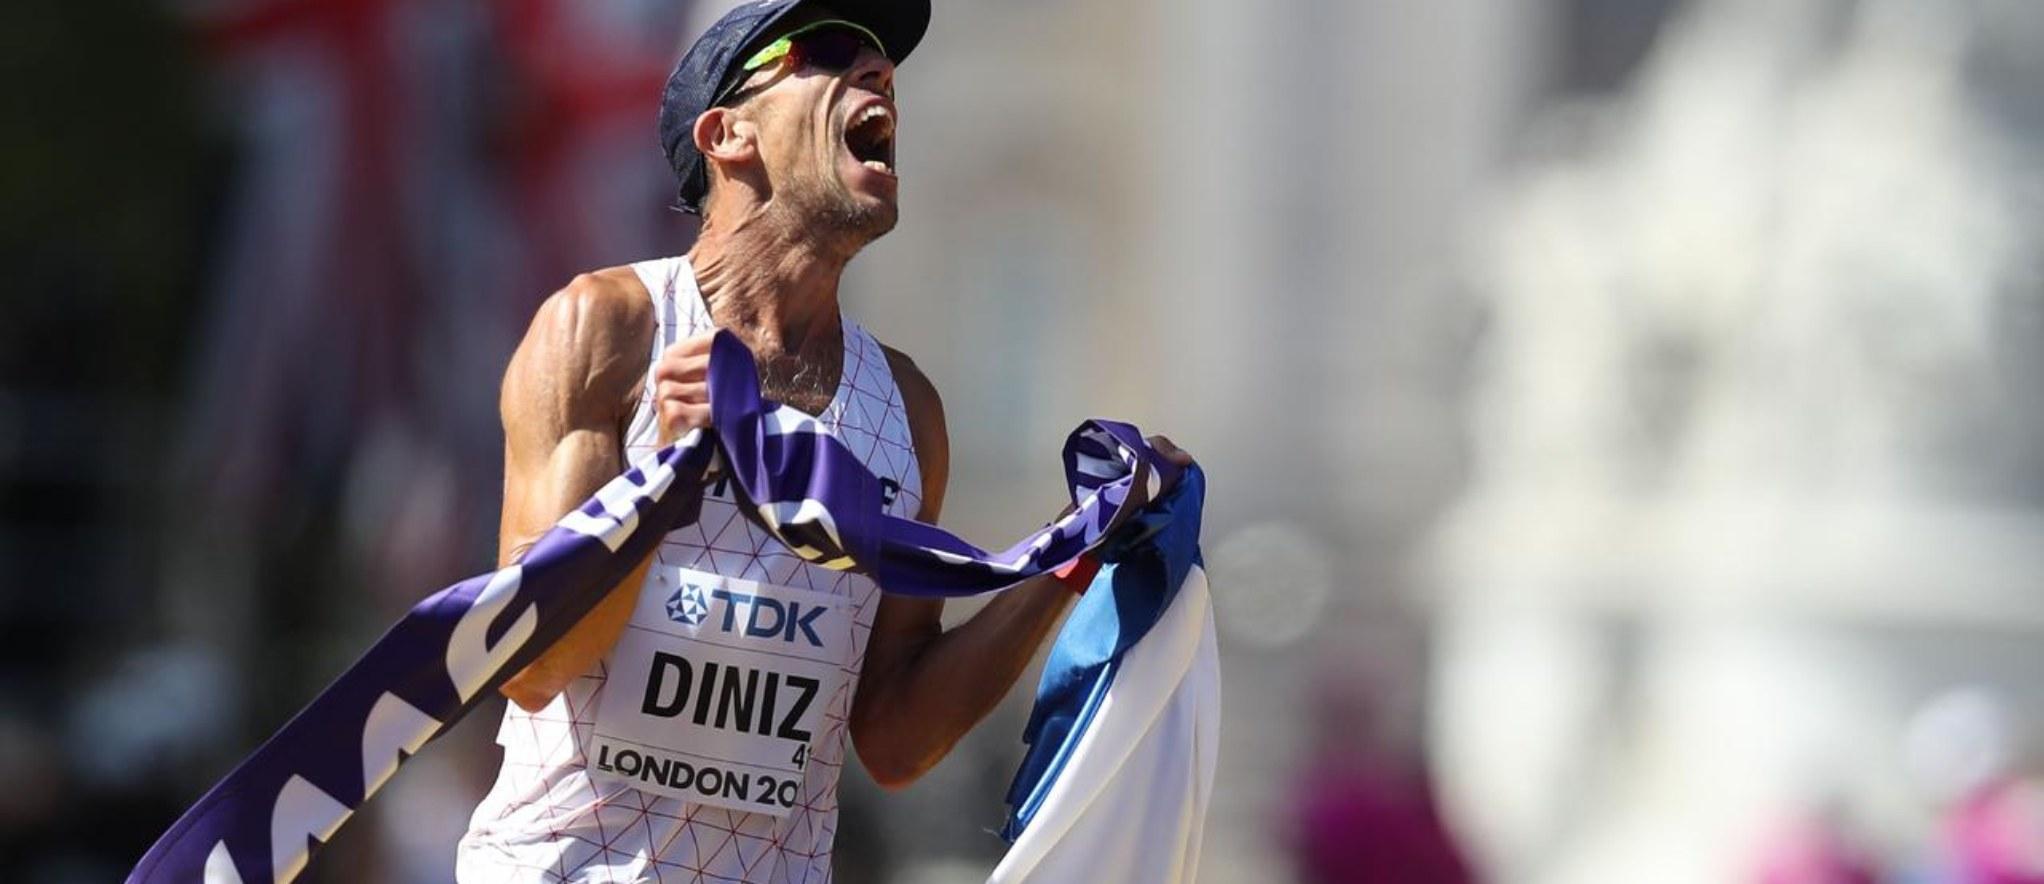 El francés Yohann Diniz se quedó con el oro en los 50 km marcha